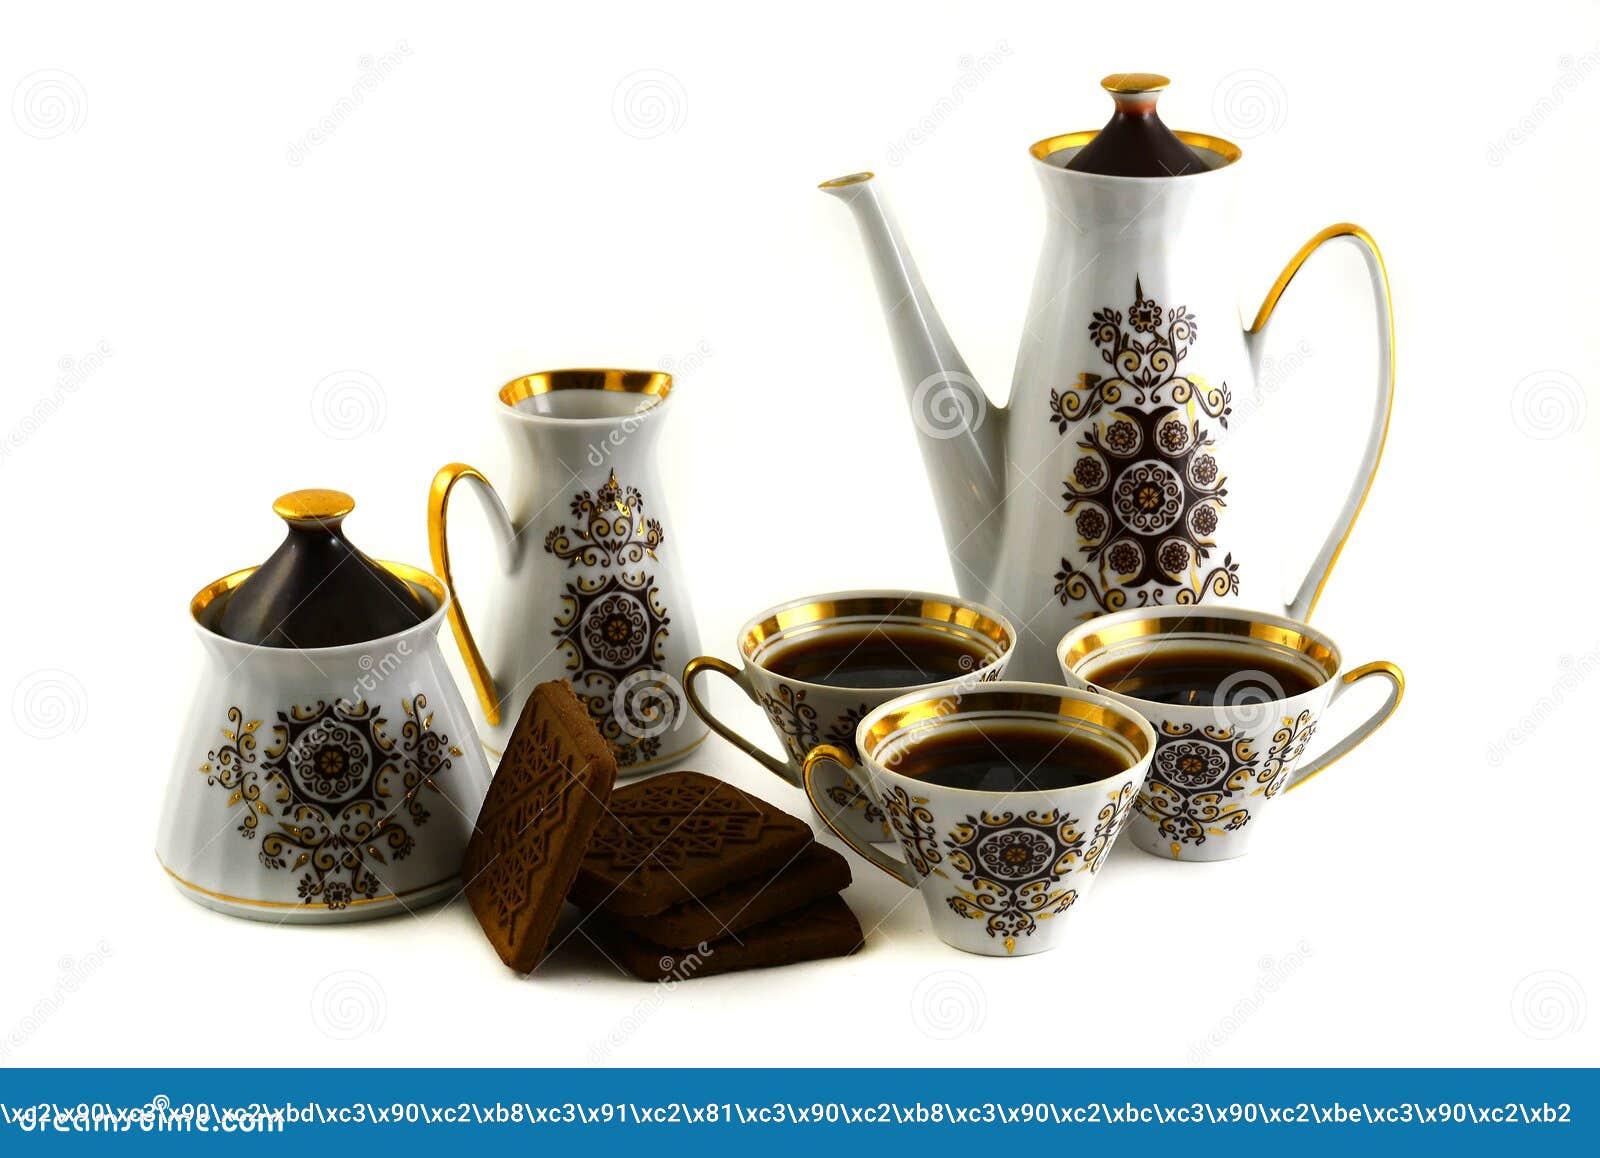 A kitchen utensils set